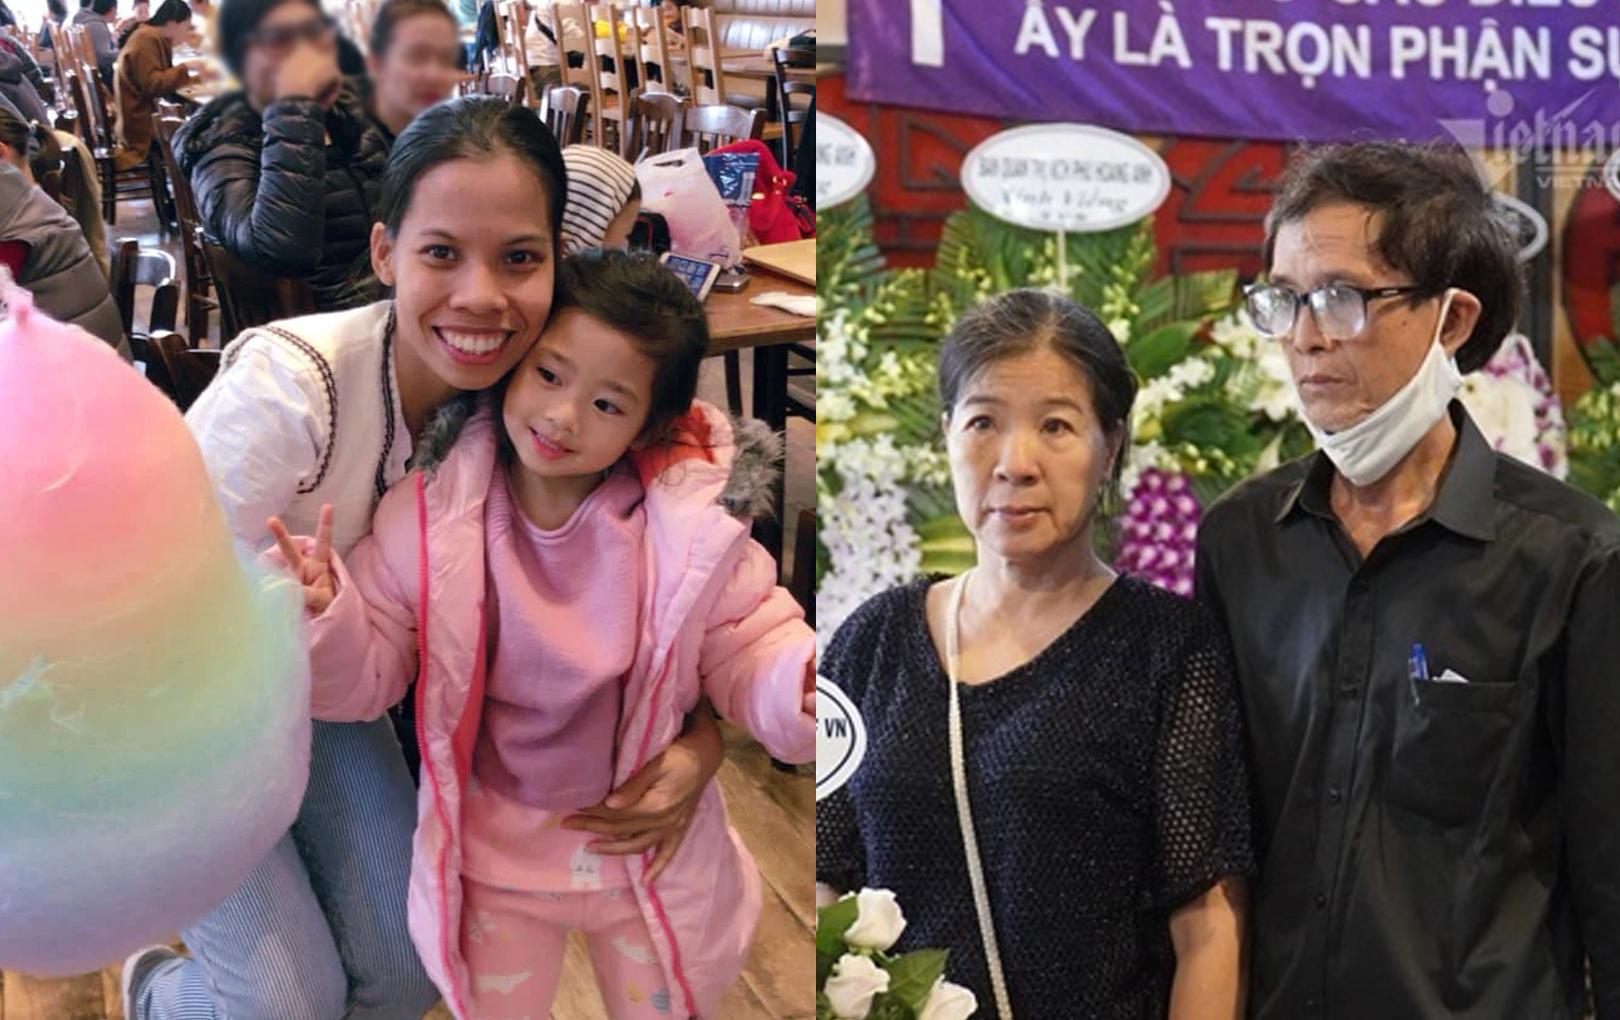 """Bố mẹ cố diễn viên Mai Phương than thở không được cho gặp cháu, vú nuôi bé Lavie phản pháo: """"Nghiệp đến"""""""